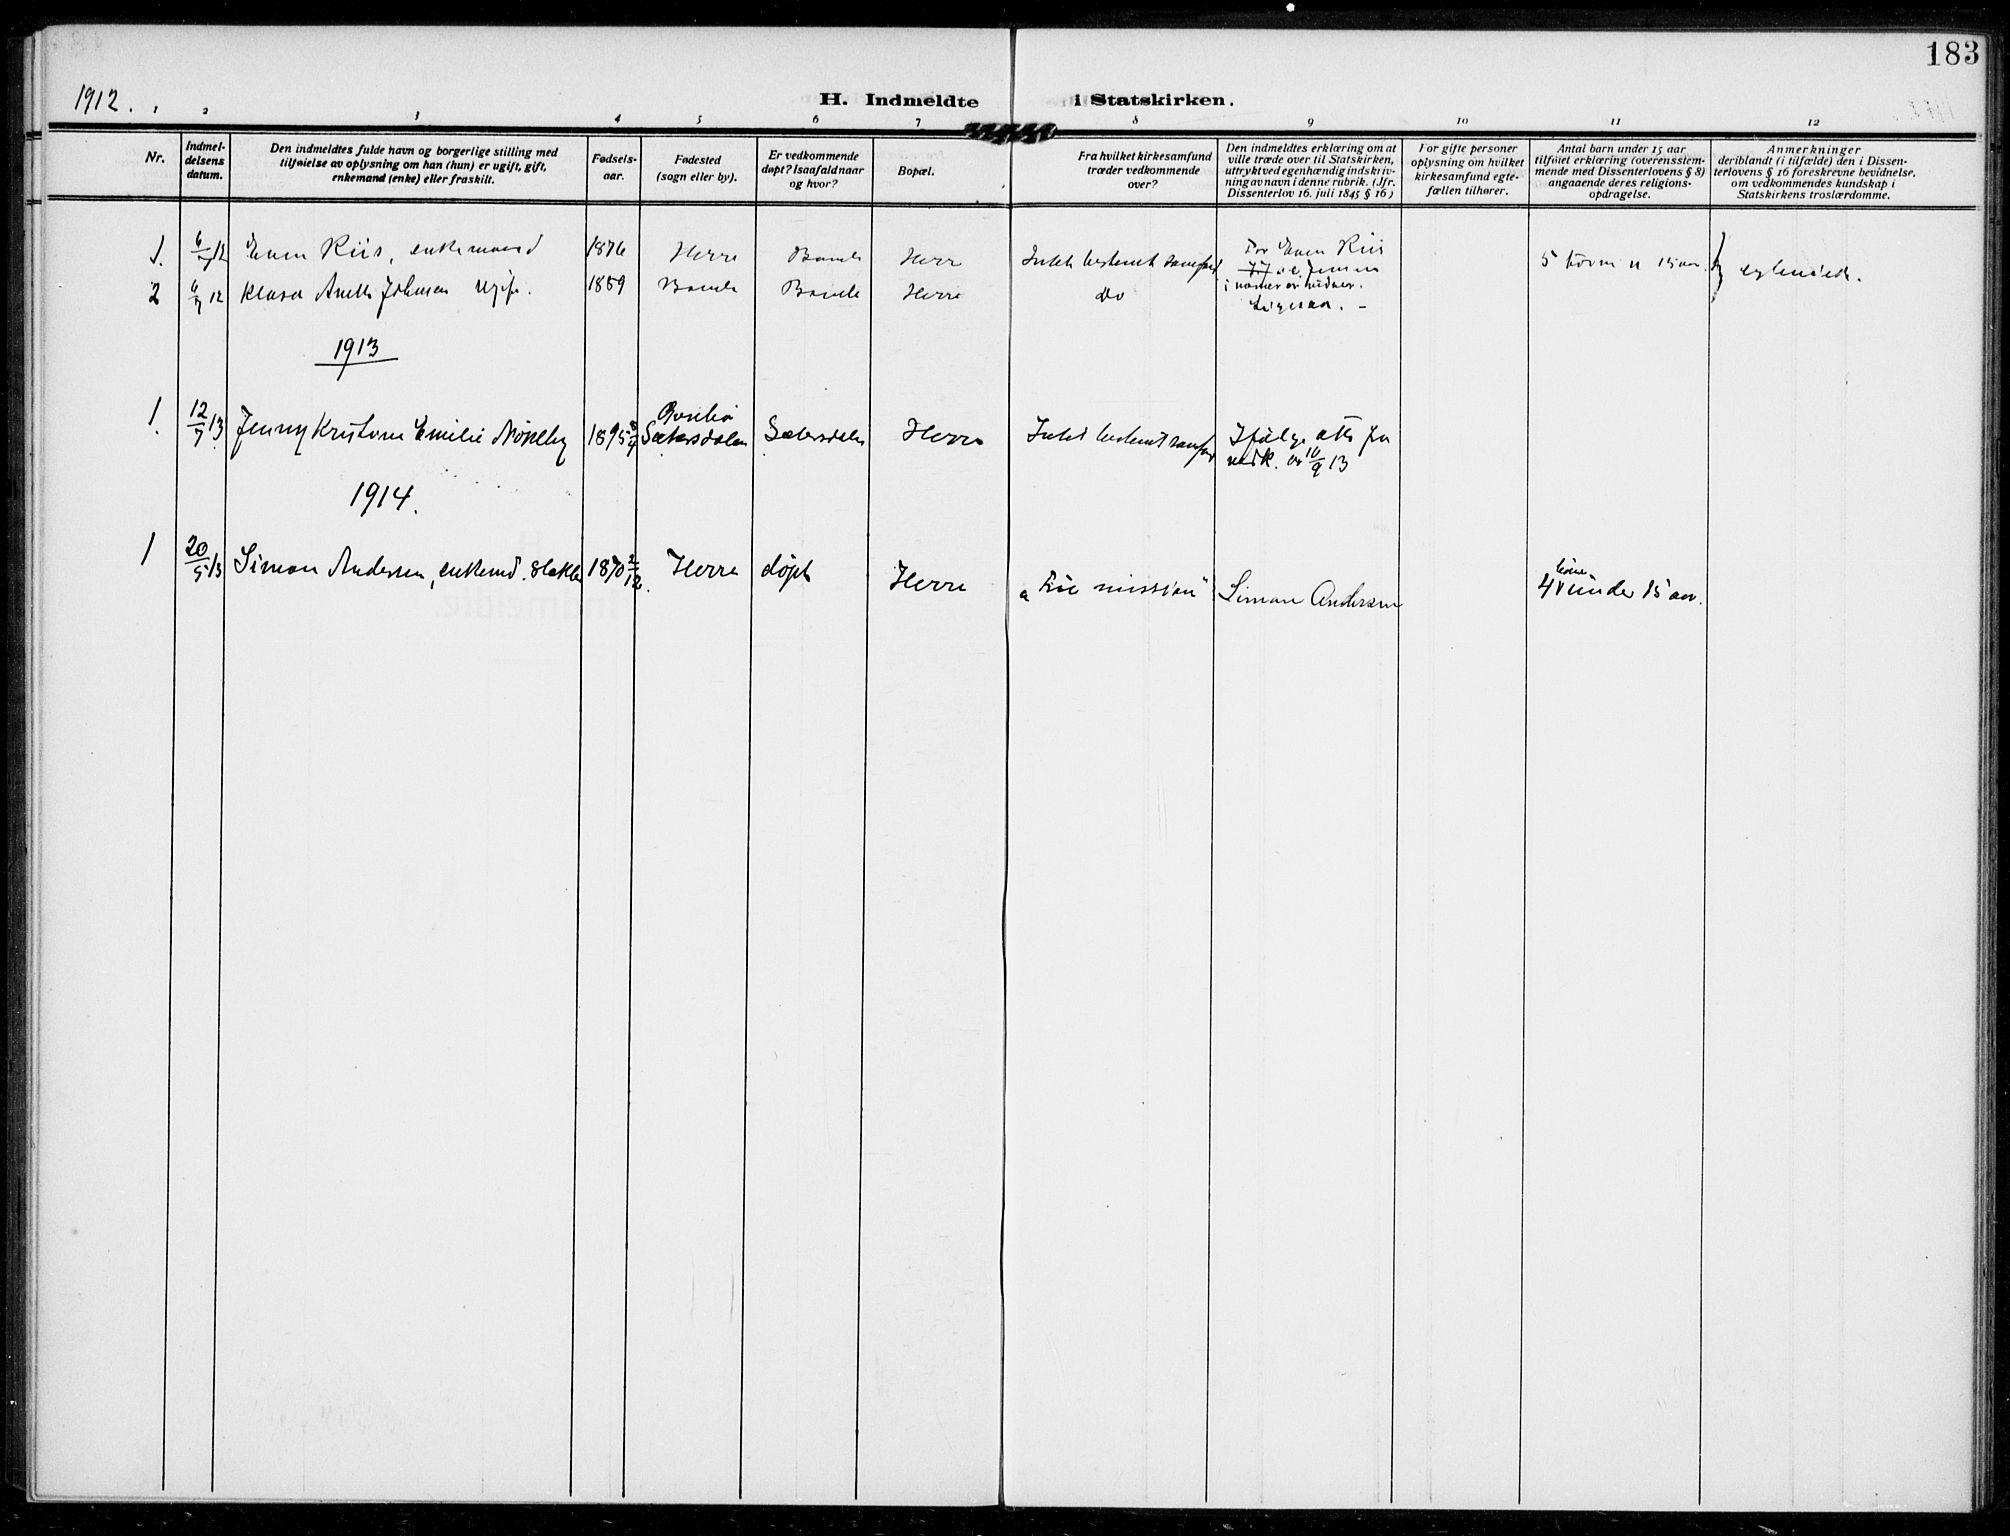 SAKO, Bamble kirkebøker, F/Fc/L0001: Ministerialbok nr. III 1, 1909-1916, s. 183